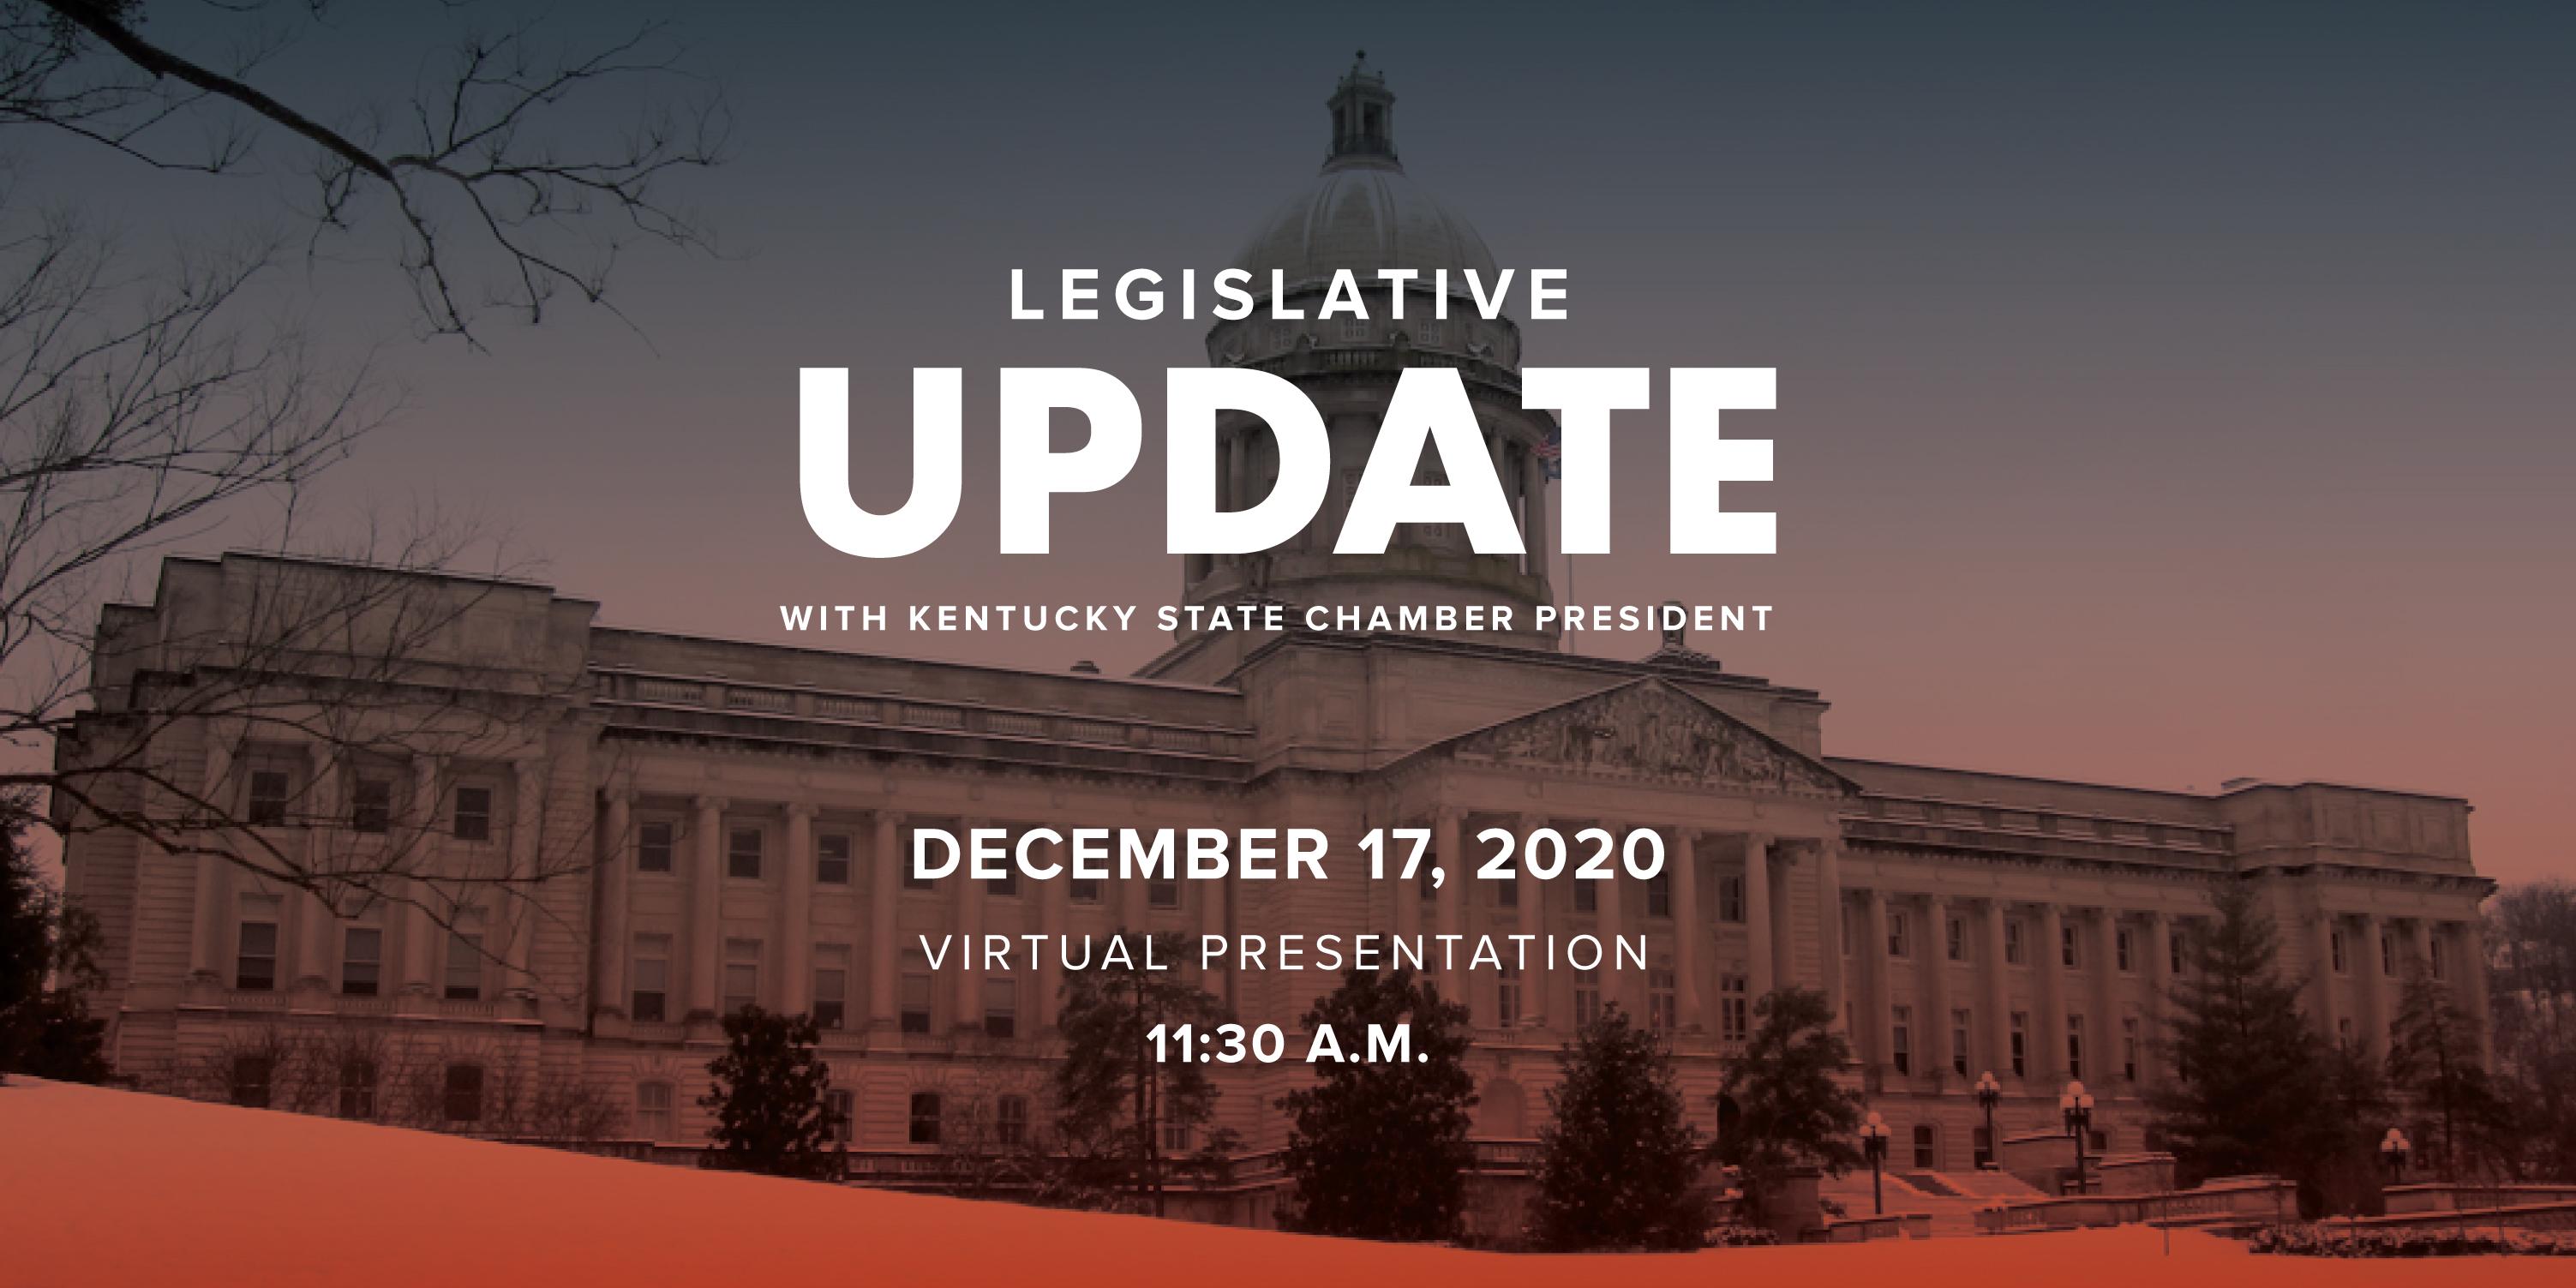 HendersonChamber_LegislativeUpdate_V2